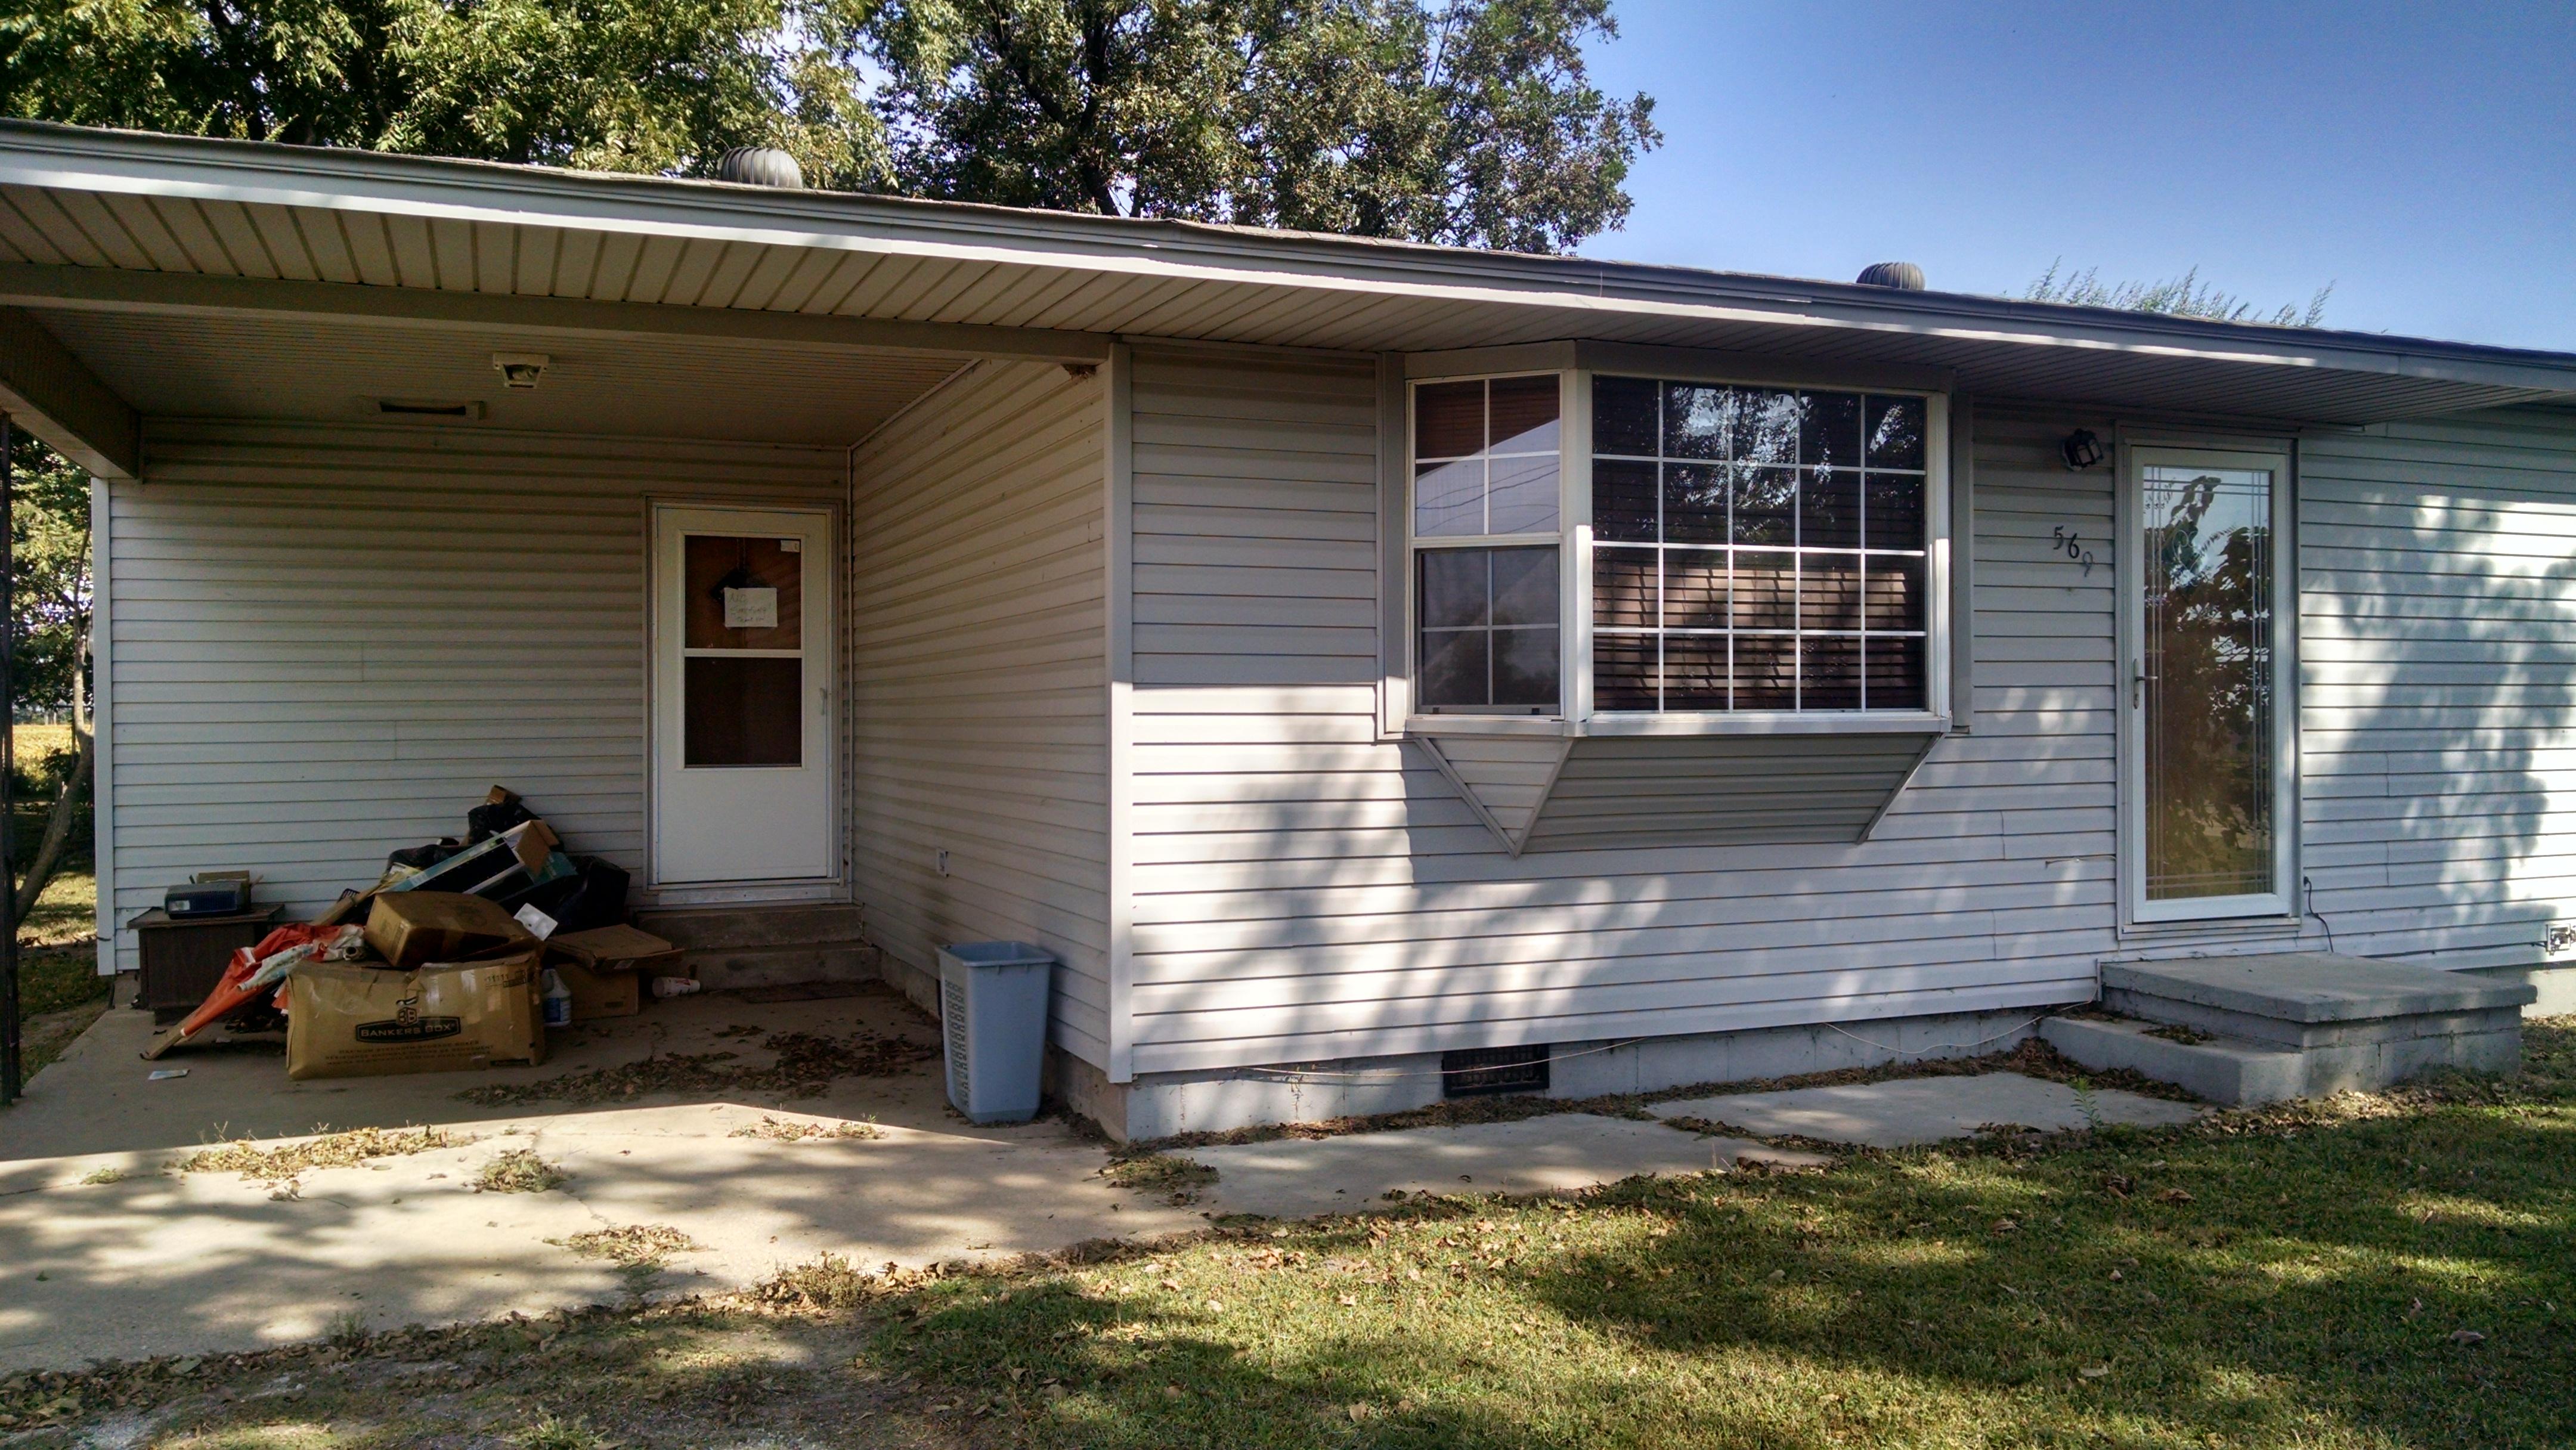 569 E Oak, Cardwell, Missouri 63829